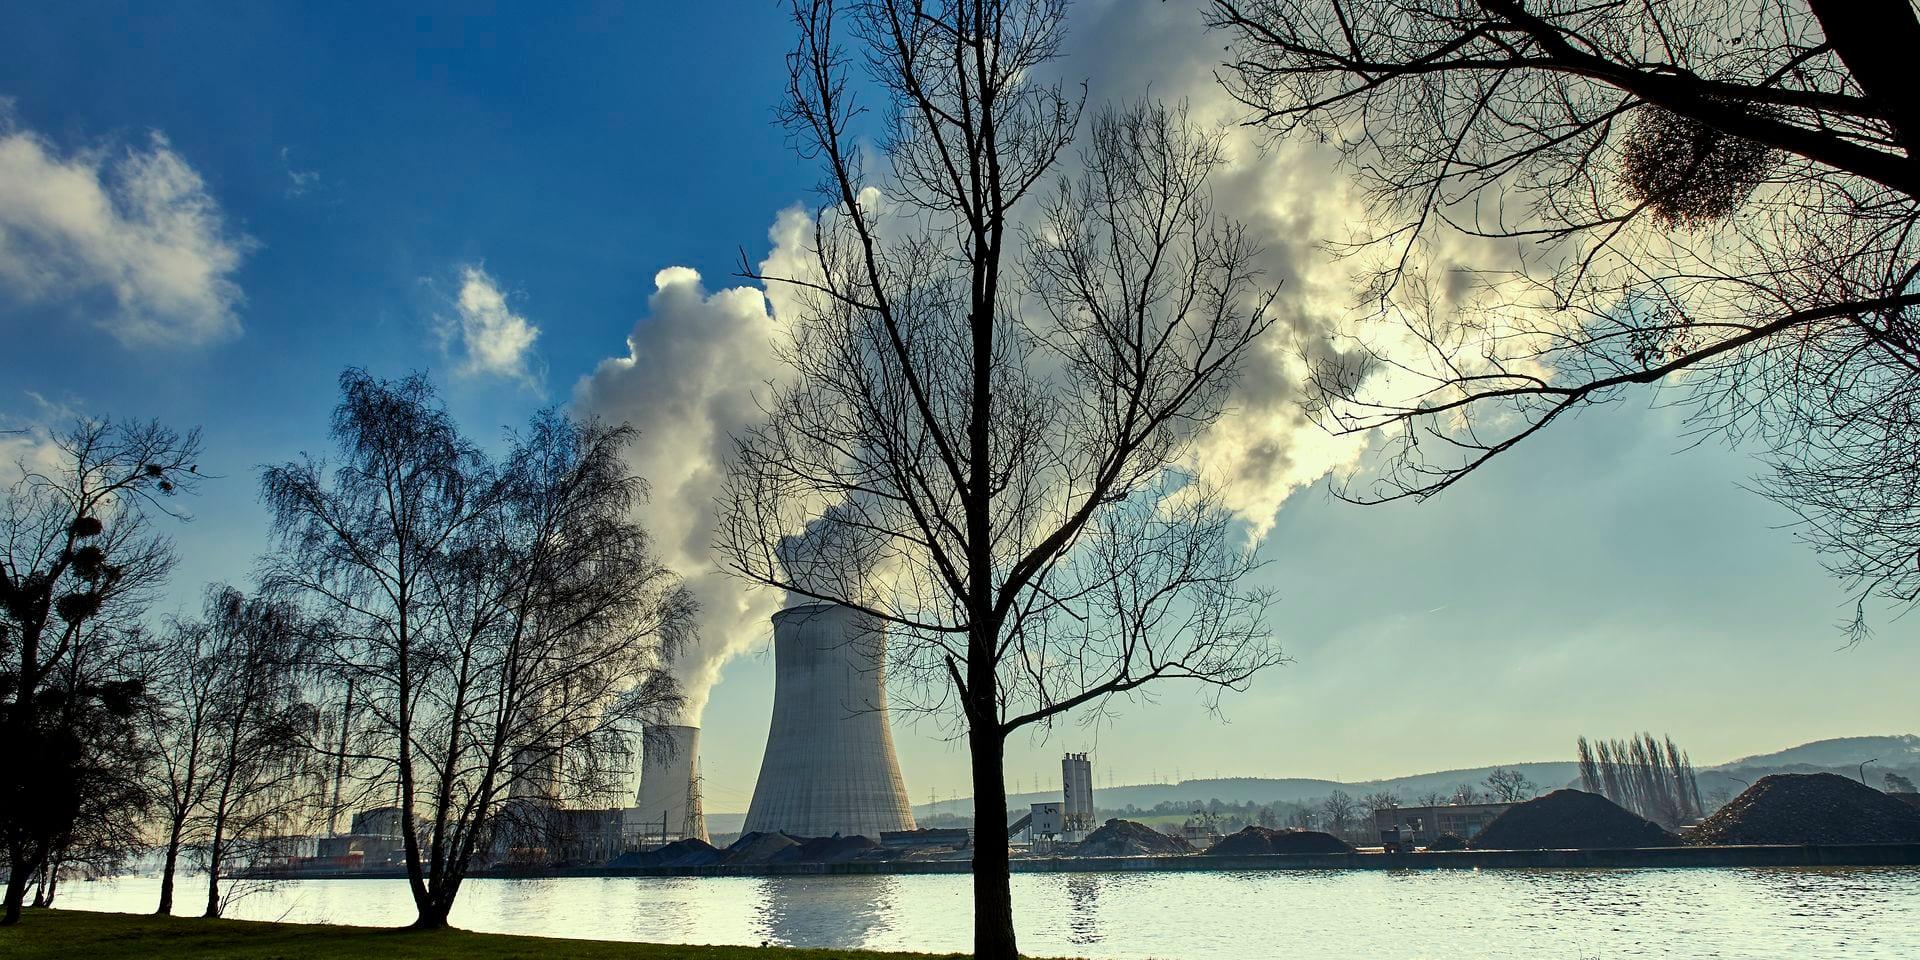 Nucléaire: la justice donne raison à Electrabel pour redémarrer Doel 3 et Tihange 2